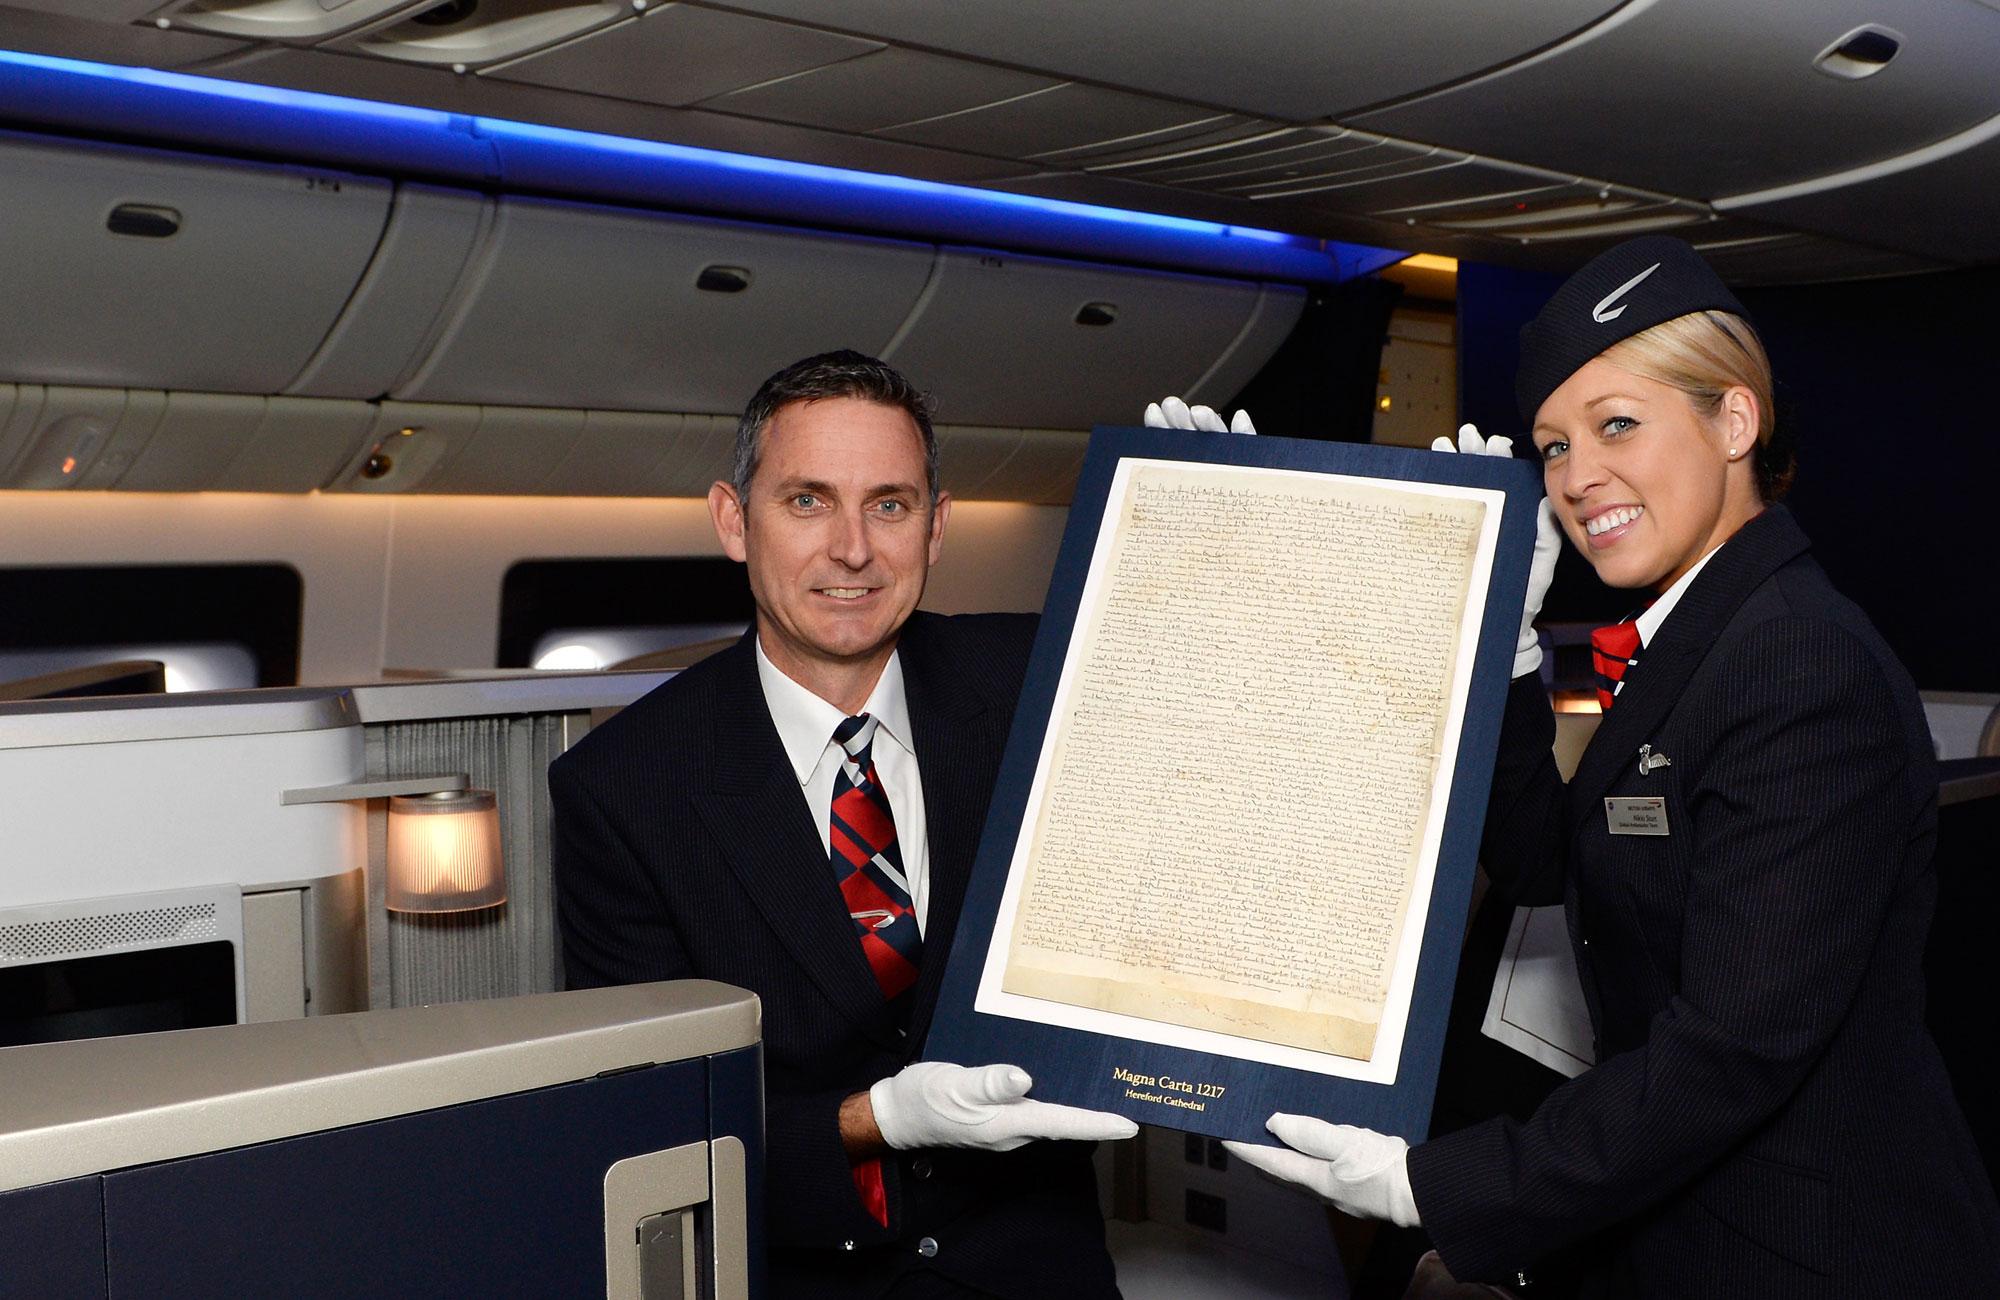 Magna Carta flies First Class with British Airways